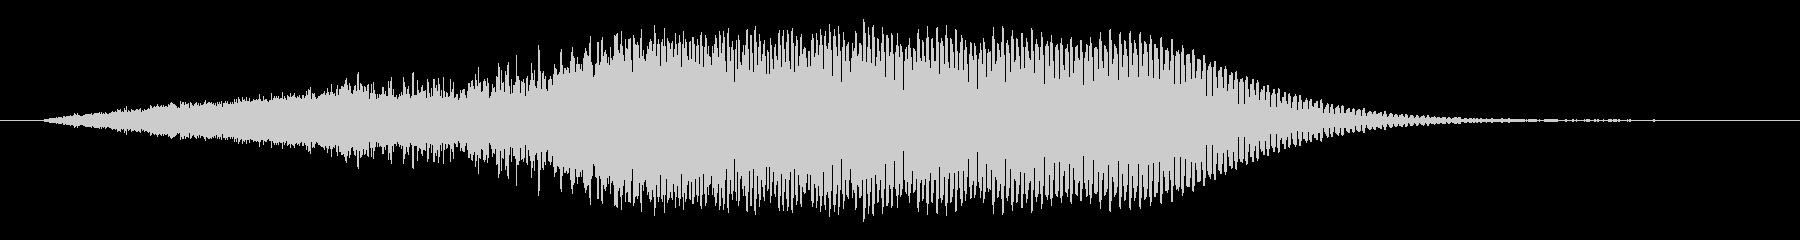 ハリウッドSF_流行_低音_ブーン_02の未再生の波形